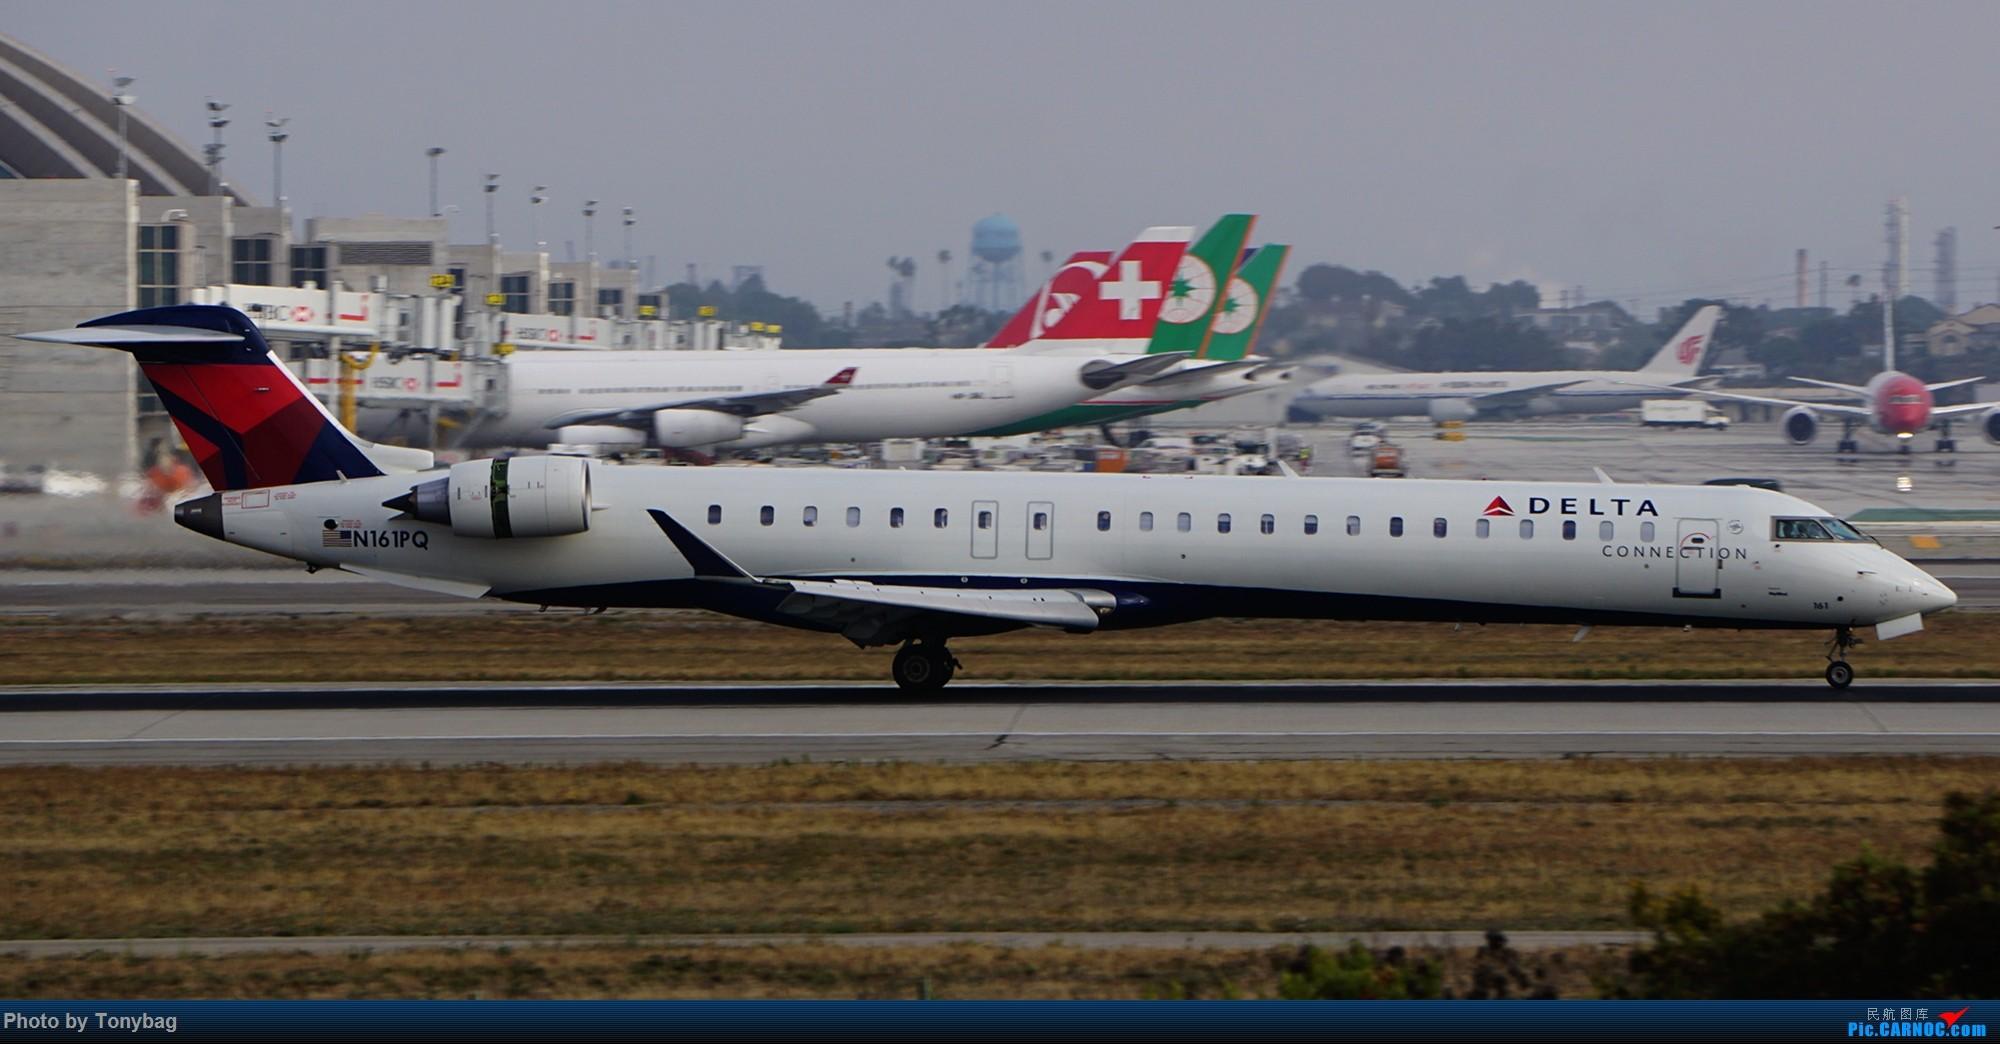 【LAX】美国达美航空 CRJ-900ER N161PQ BOMBARDIER CRJ-900 N161PQ 洛杉矶国际机场